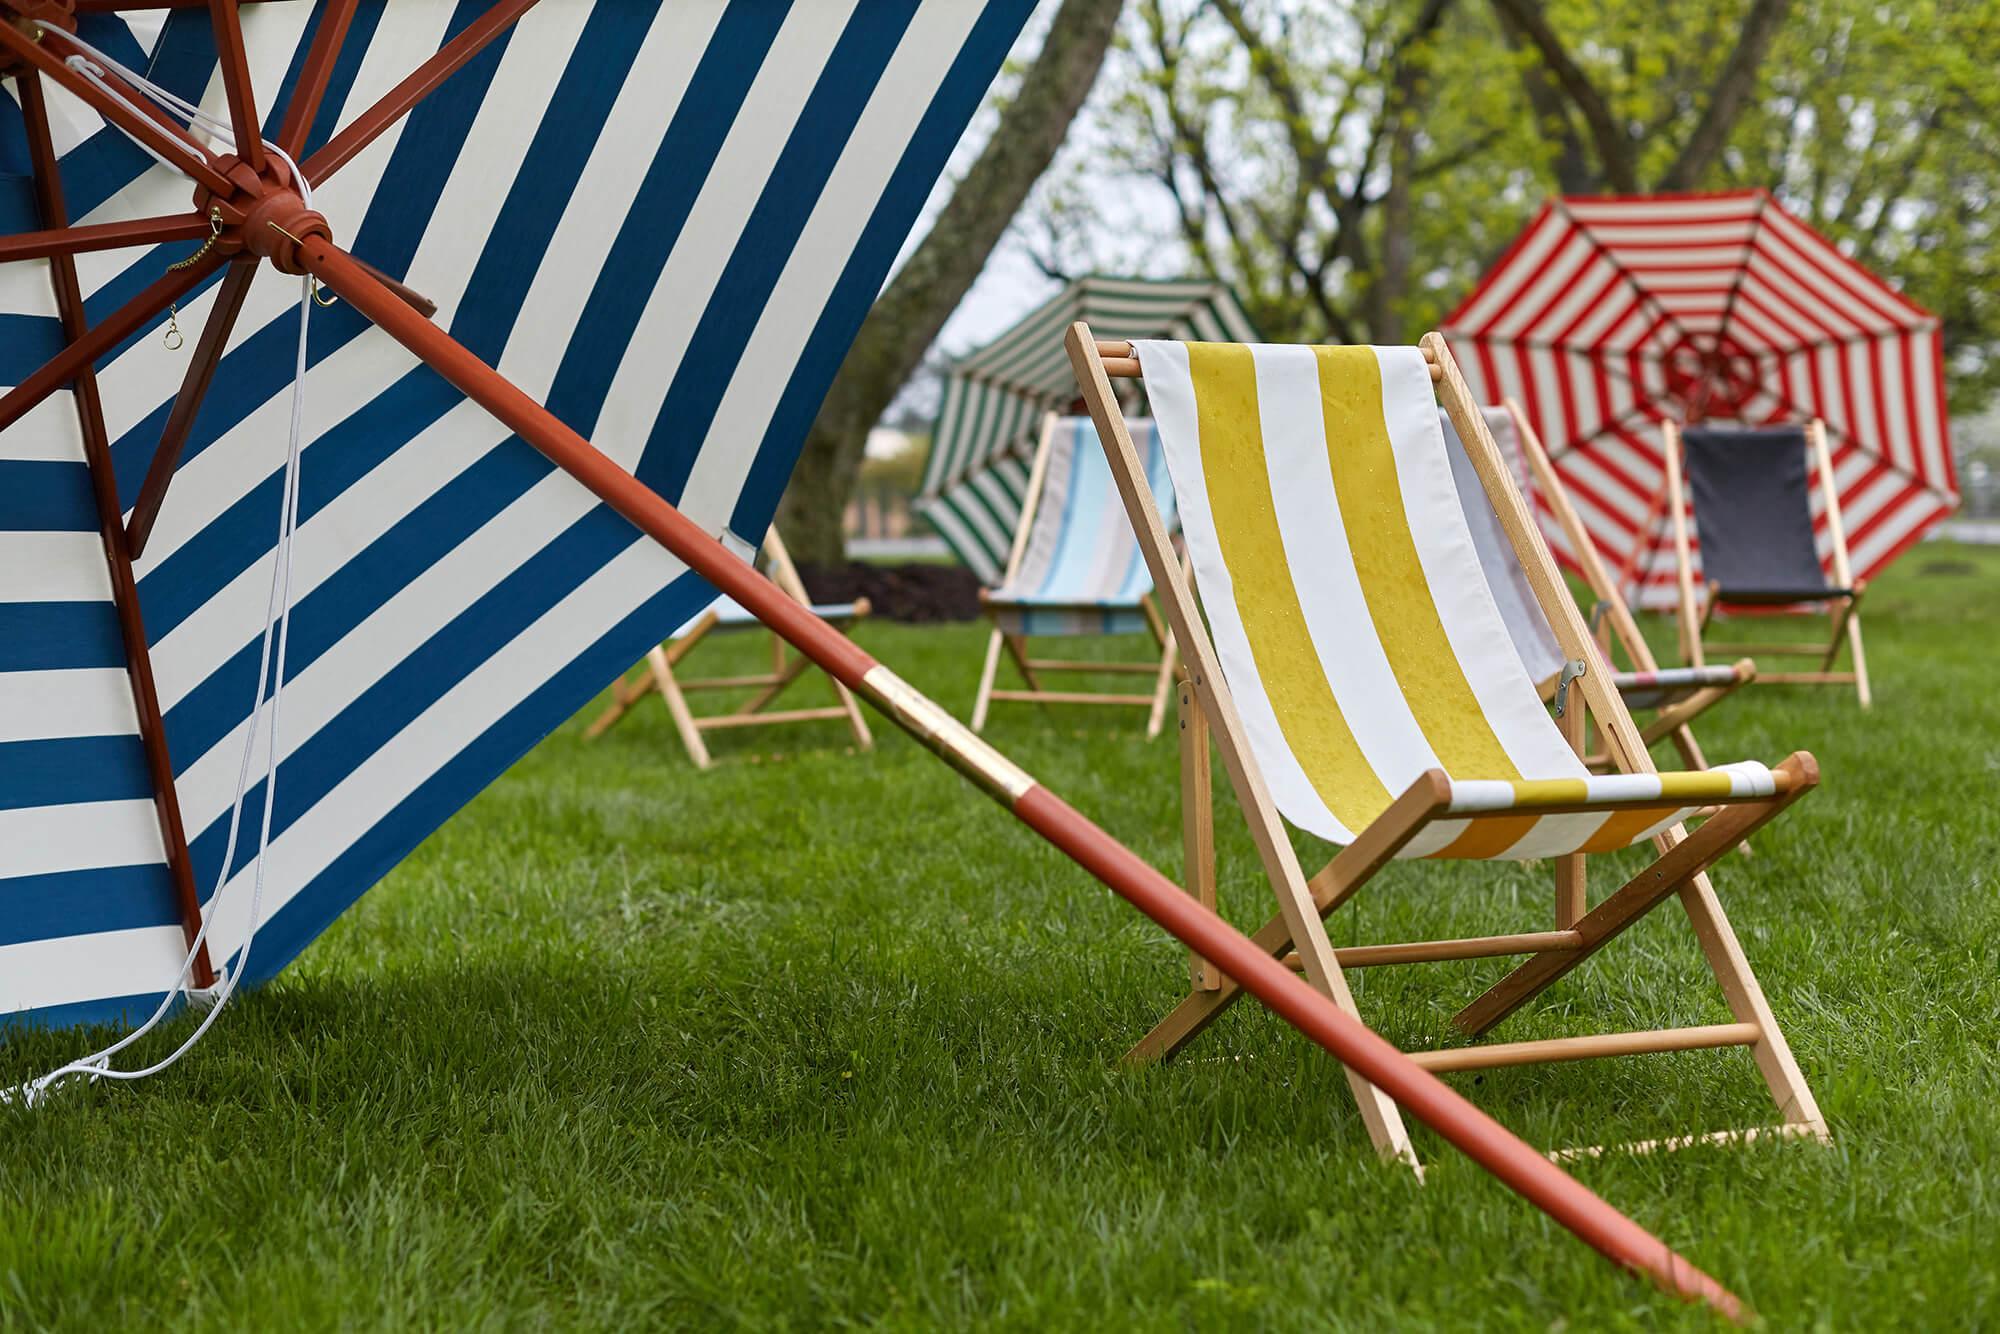 亮帆布条纹样式的户外坐椅和市场用伞